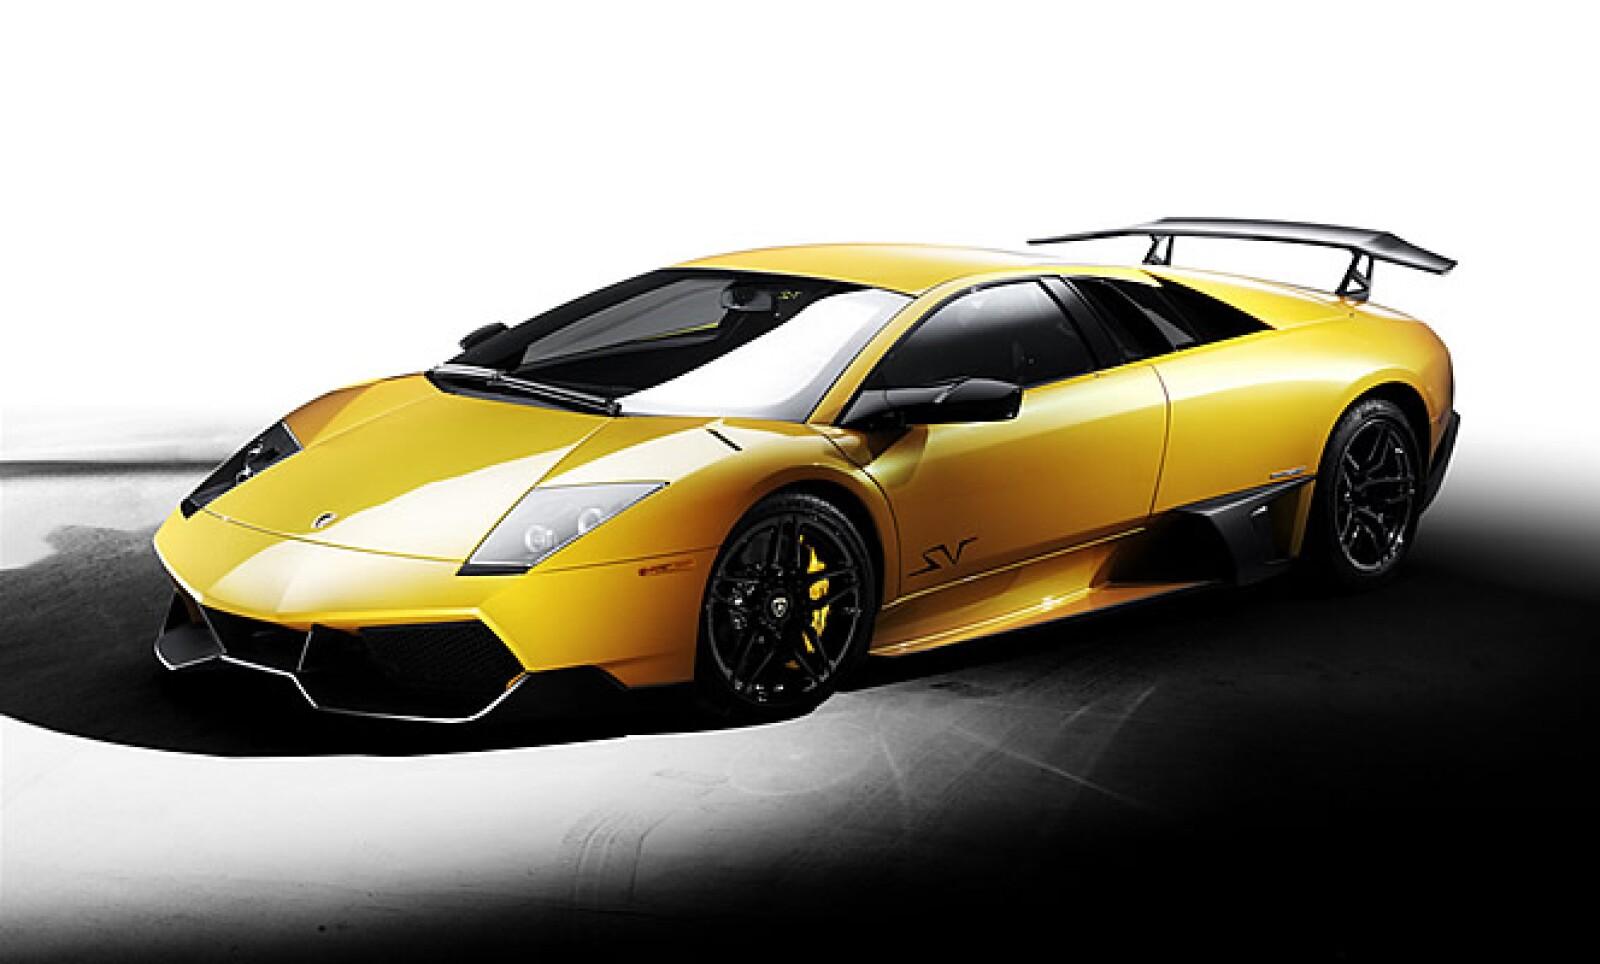 Una versión más refinada del modelo que incluye un motor V12 que genera hasta 670 caballos de fuerza. Velocidad completa de 350 km/h y aceleración de 0 a 100 km/h en 3.2 segundos, un par de sus atributos.